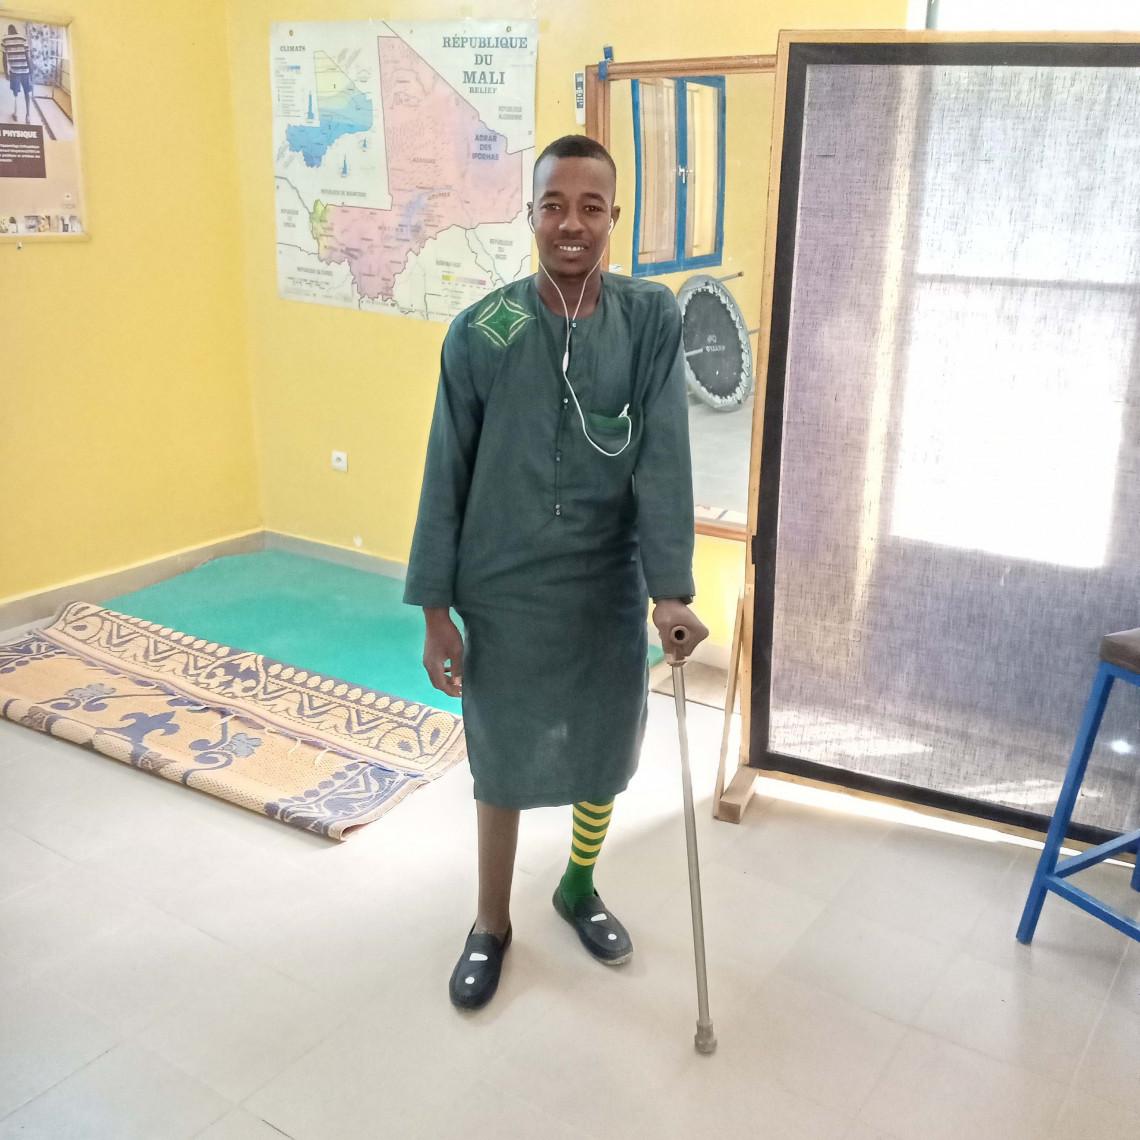 Aghaly retrouve son sourire pendant les éances de rééducation. Hamada Ould Aly / CICR.